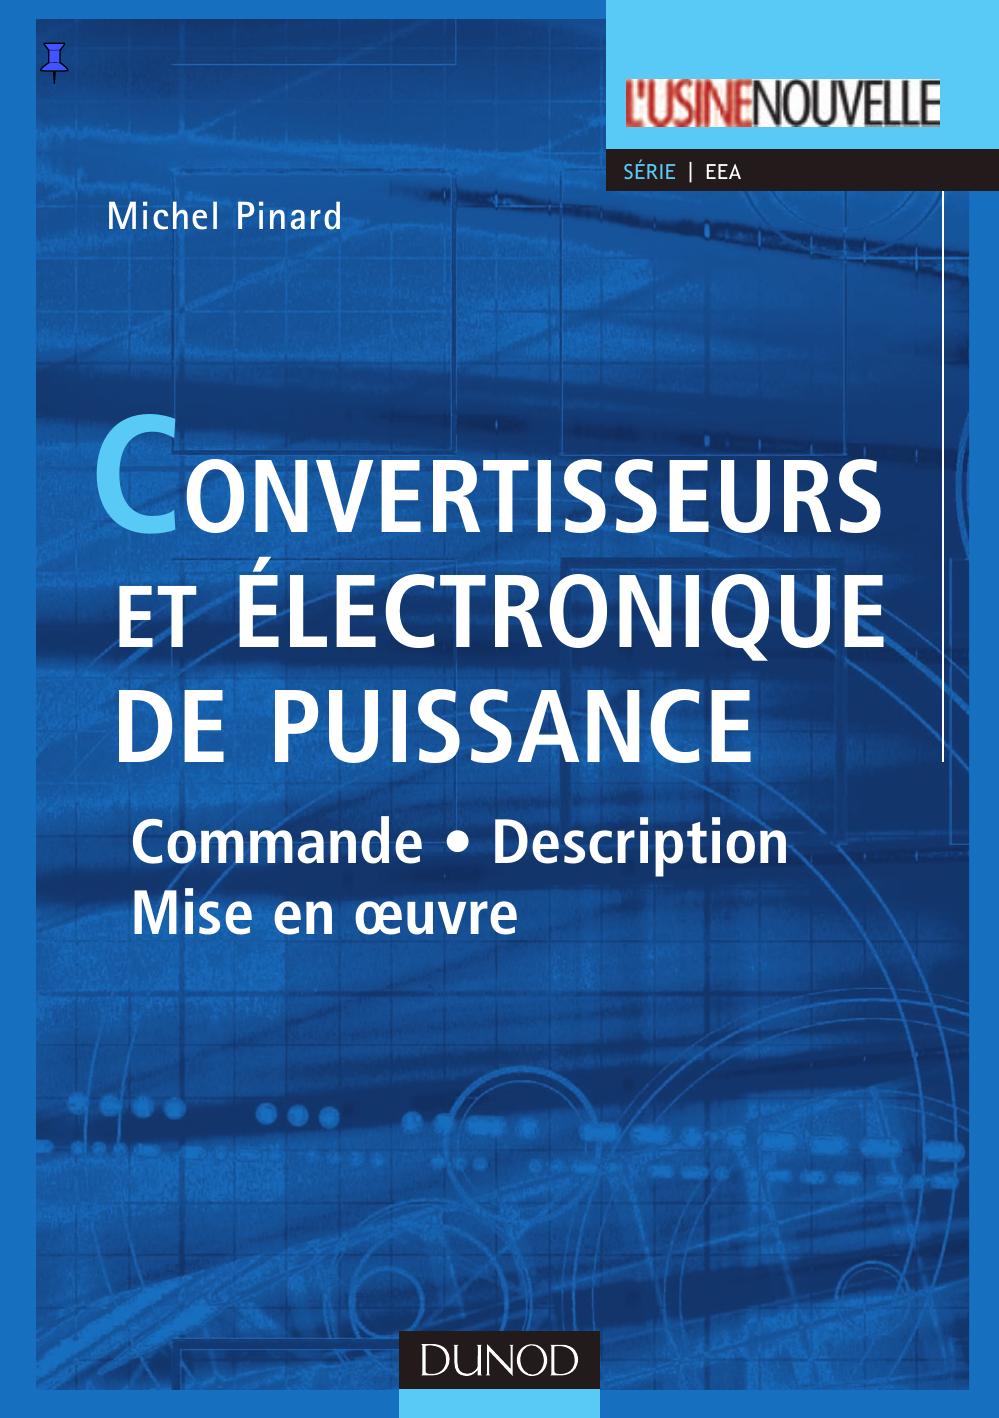 SEGUIER INDUSTRIELLE TÉLÉCHARGER PDF GUY ELECTROTECHNIQUE